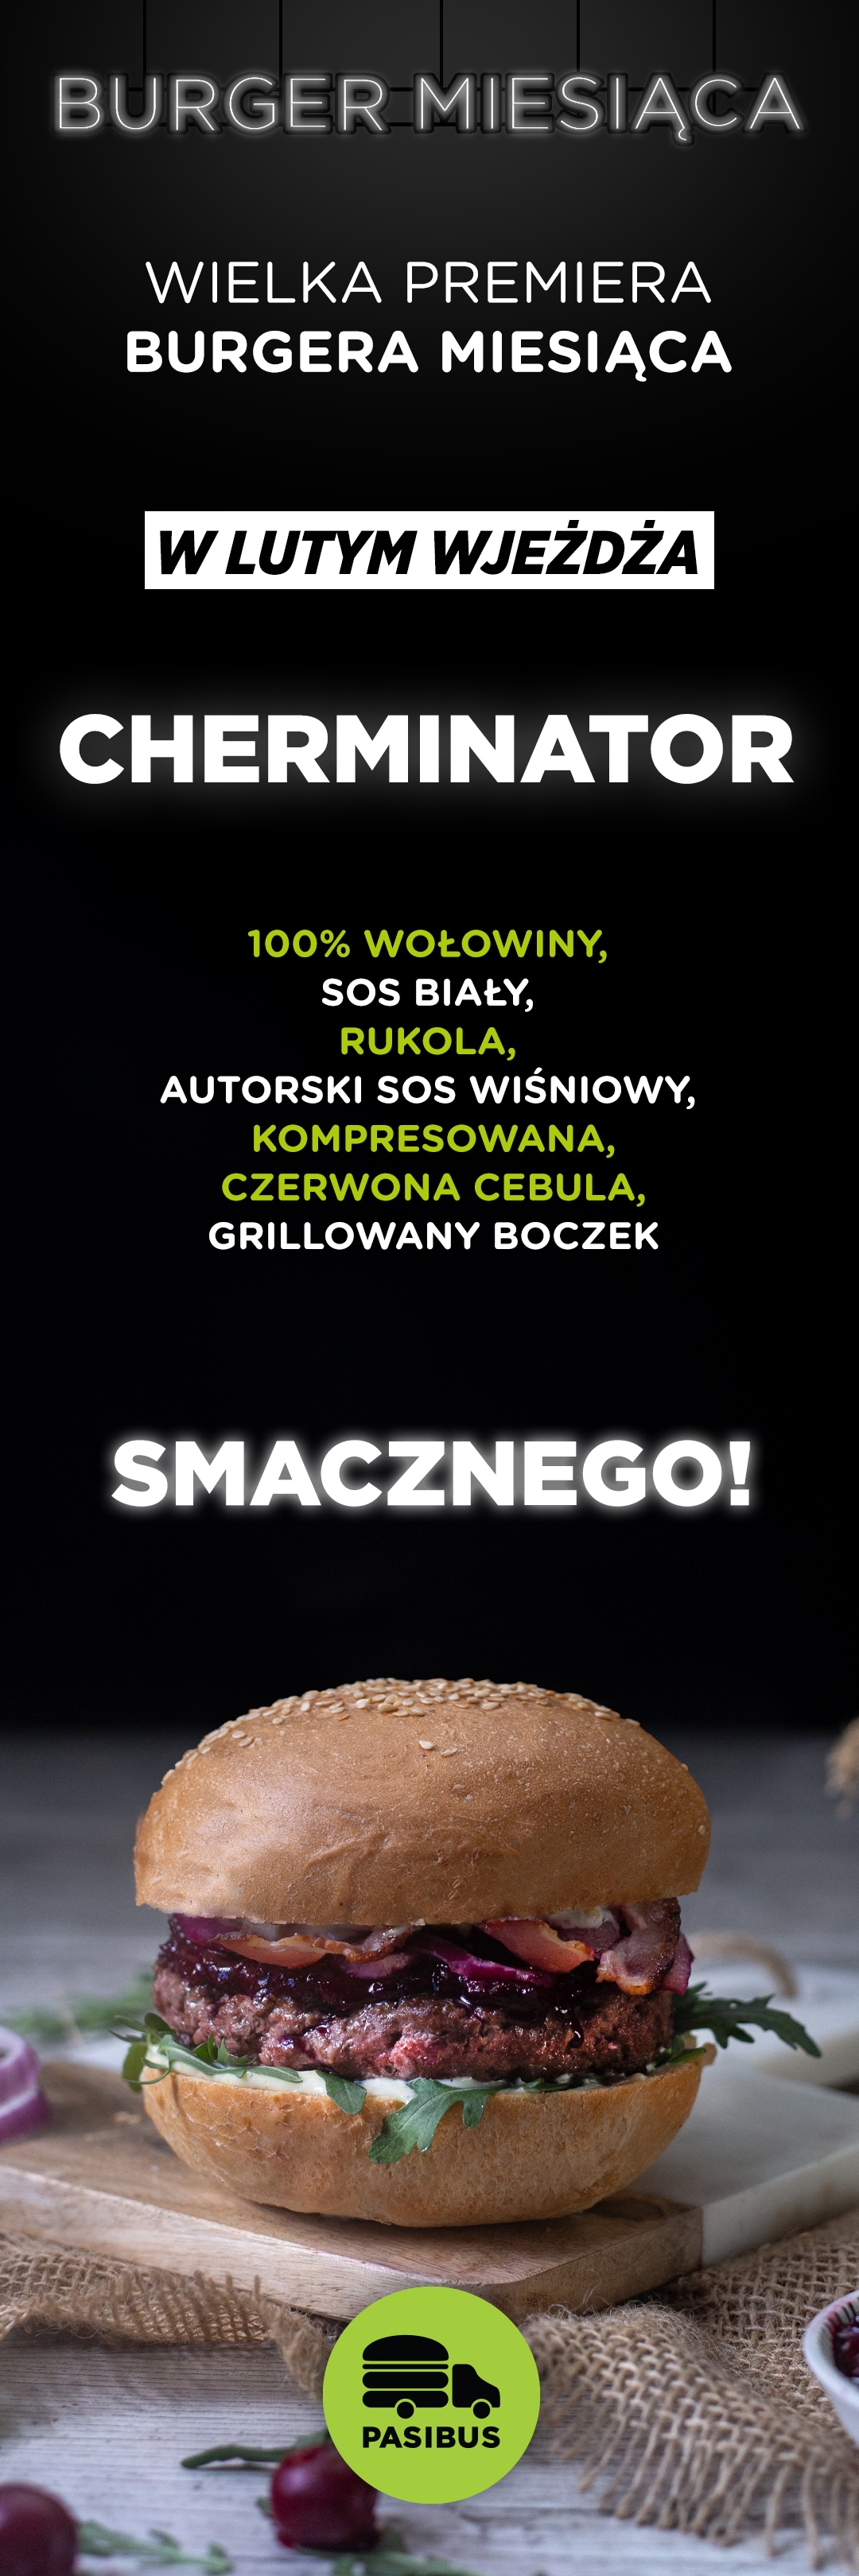 Przedstawiamy burgera miesiąca luty 2020 - Cherminator